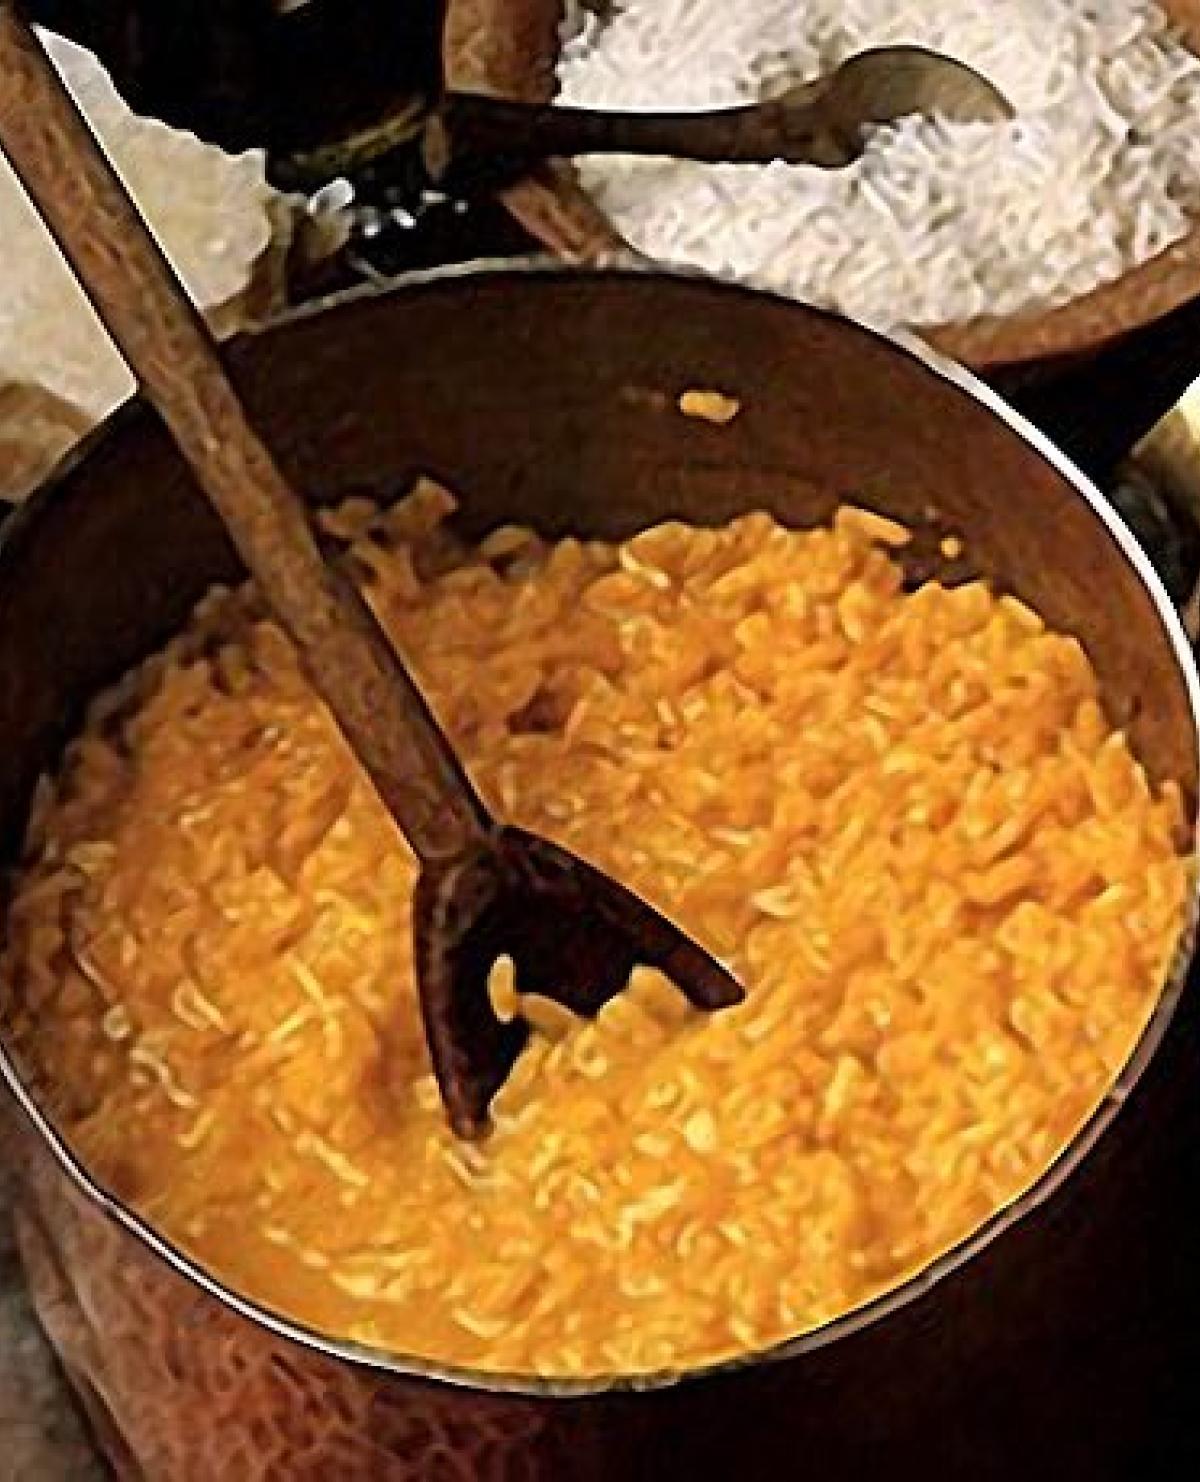 A picture of Delia's Risotto and Gnocchi recipes